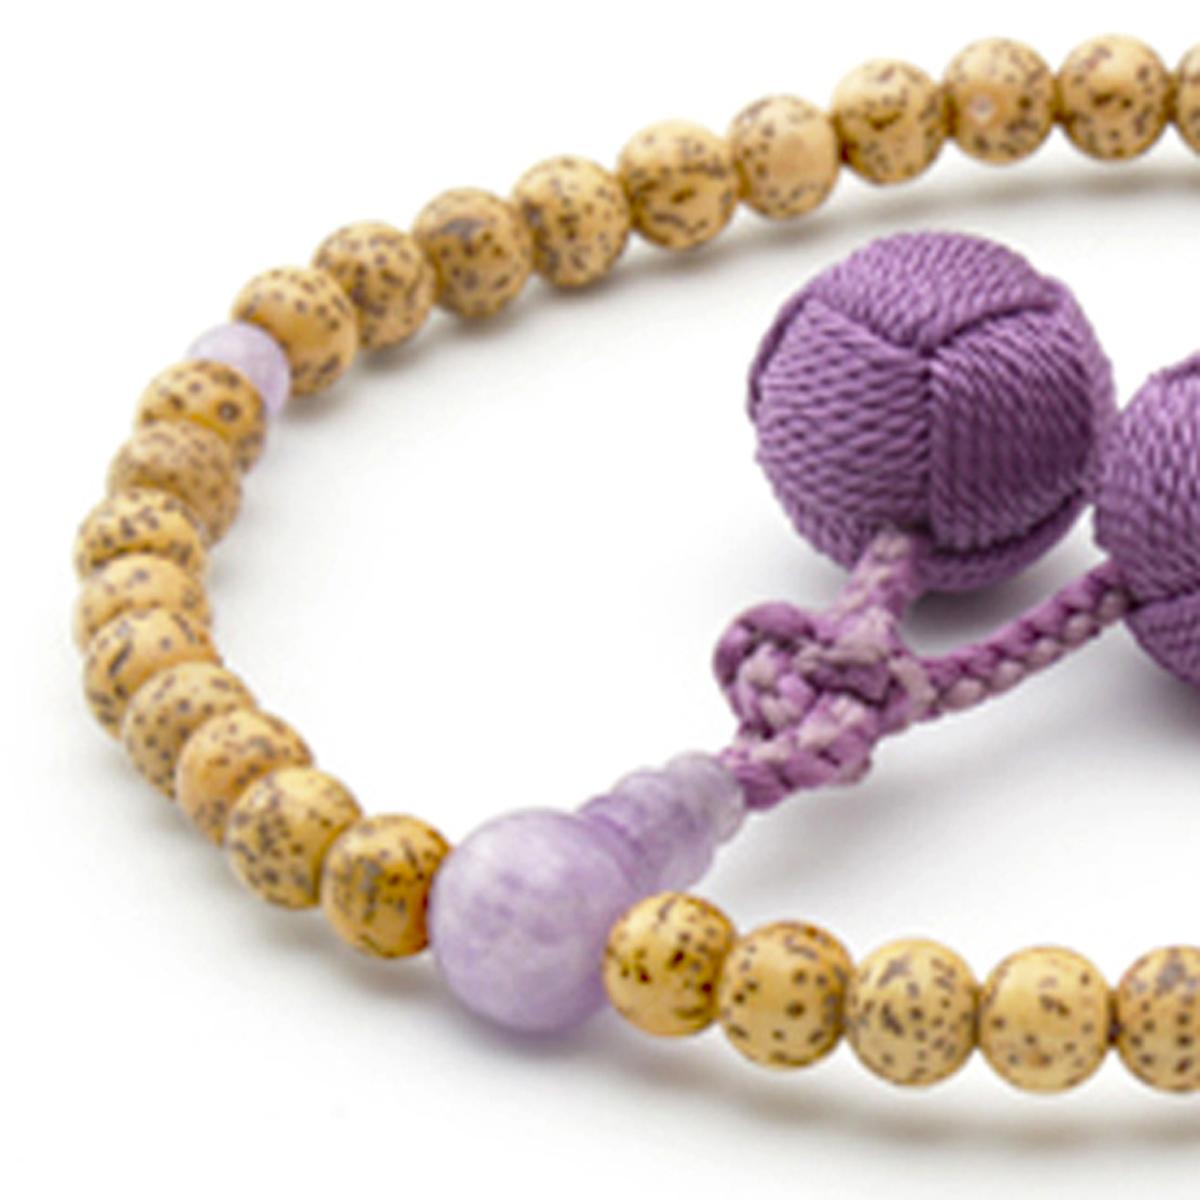 女性用数珠 天然星月菩提樹 ラベンダーアメジスト 釈迦梵天房